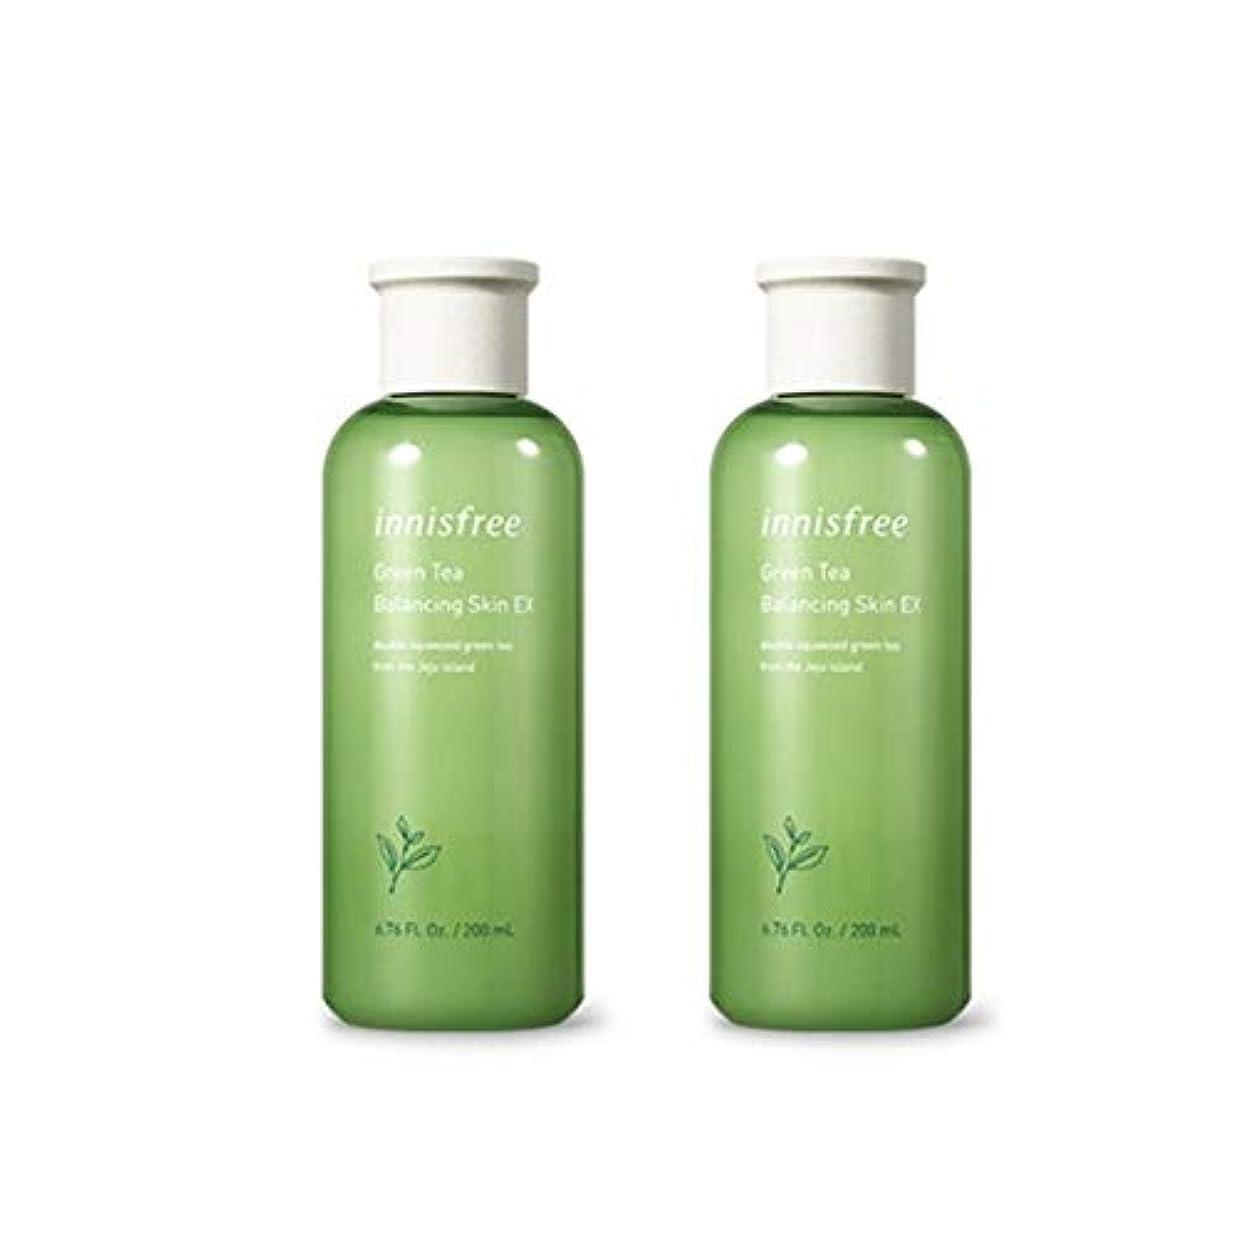 代表してレジデンス同盟イニスフリーグリーンティーバランシングスキンEX 200mlx2本セット韓国コスメ、innisfree Green Tea Balancing Skin EX 200ml x 2ea Set Korean Cosmetics...